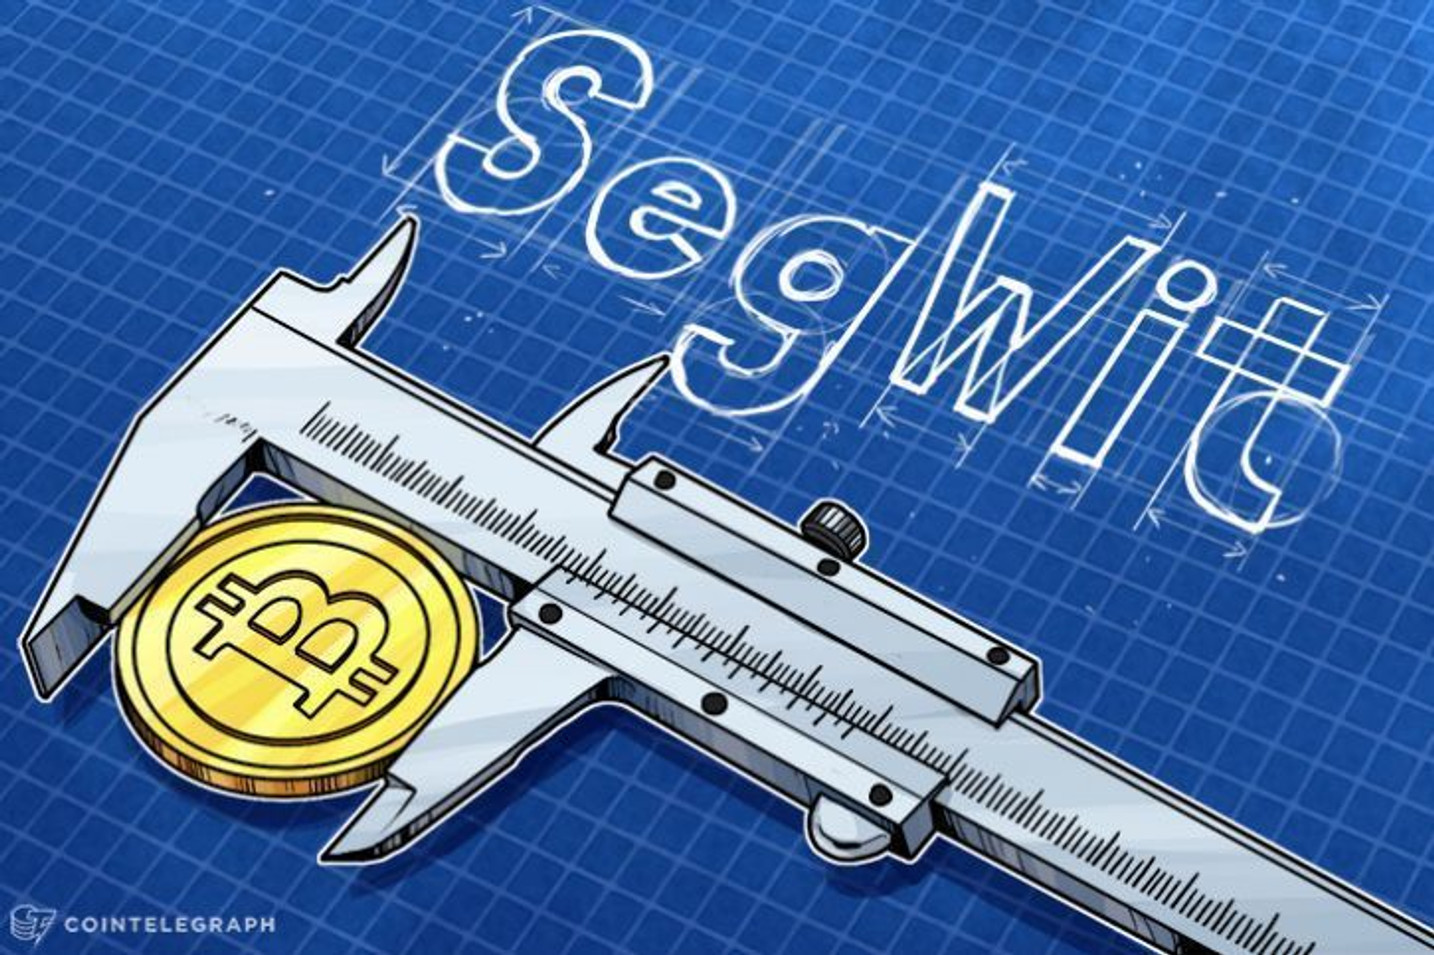 Problemi za SegWit2x: Bitwala je prva među potpisnicima 'Njujorškog sporazuma' koja se povukla!